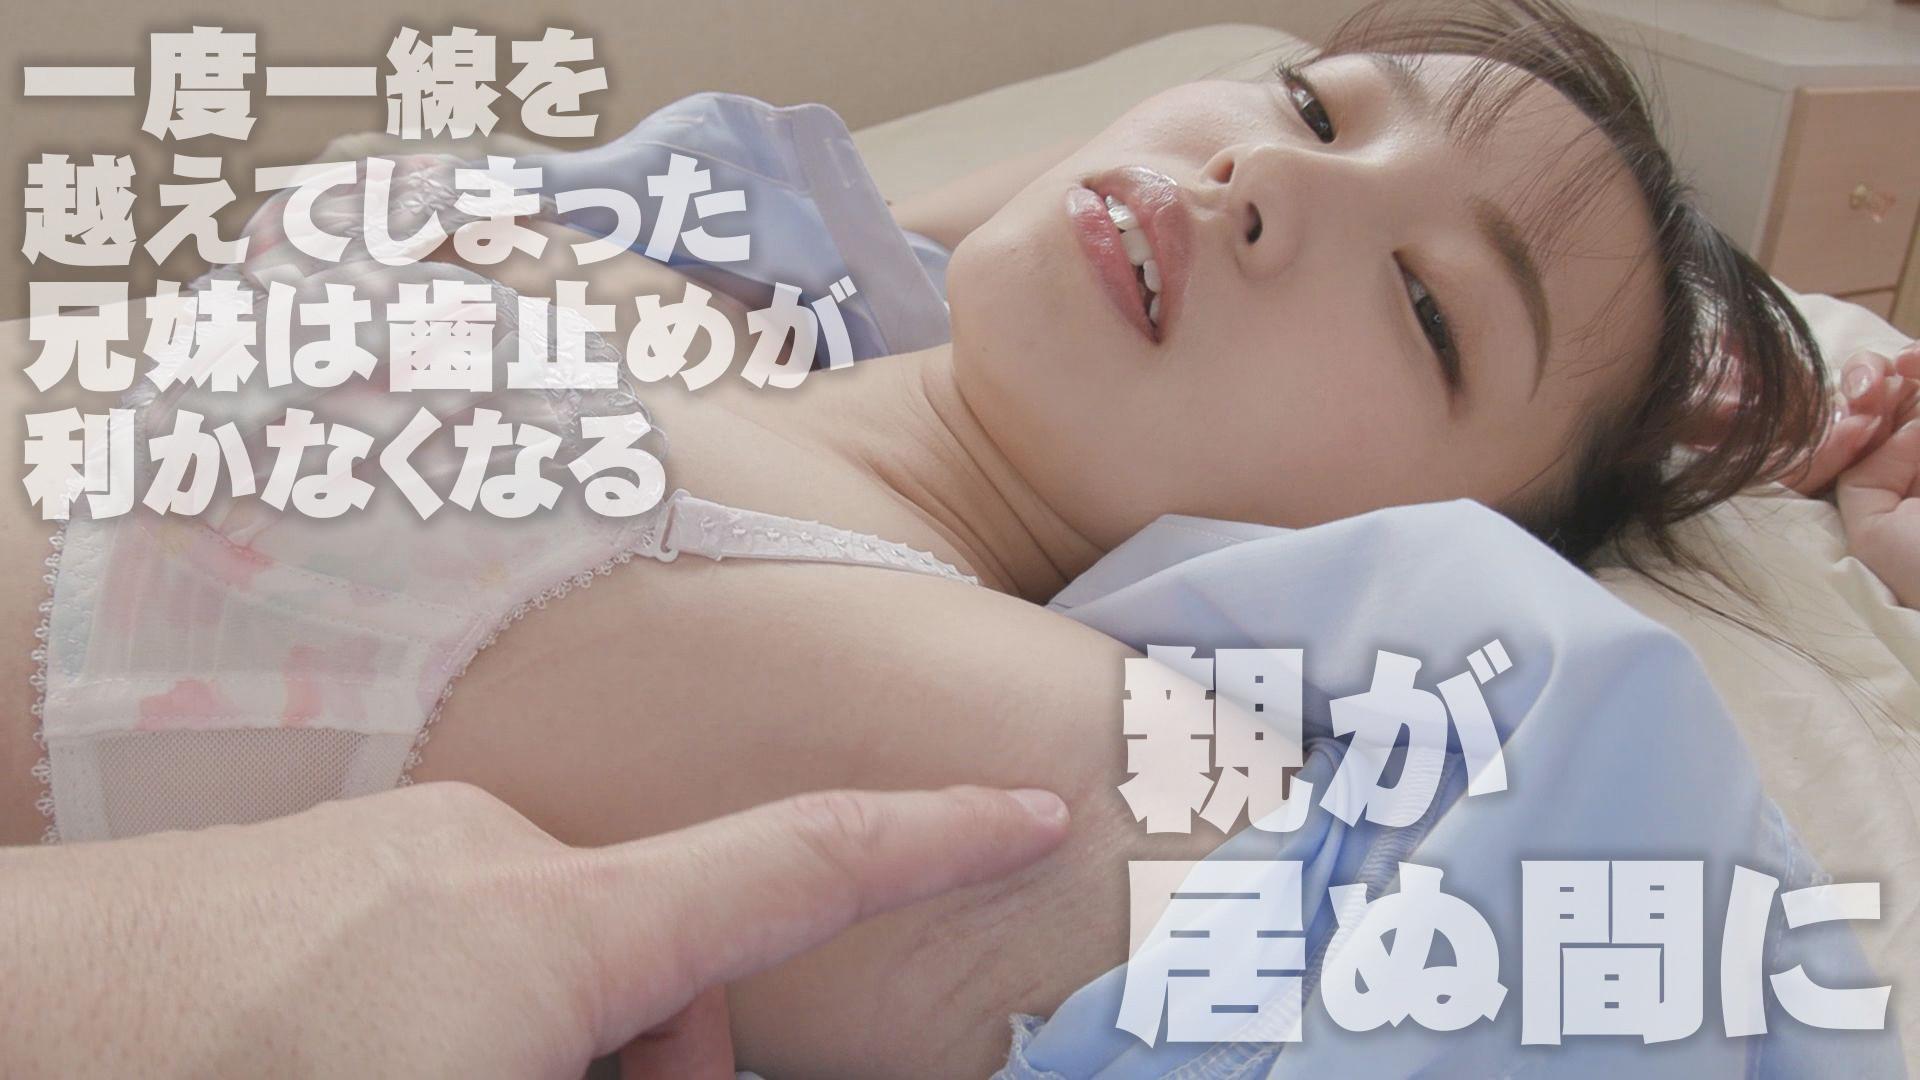 【ワキコイ】兄が私の腋に恋してる 画像9